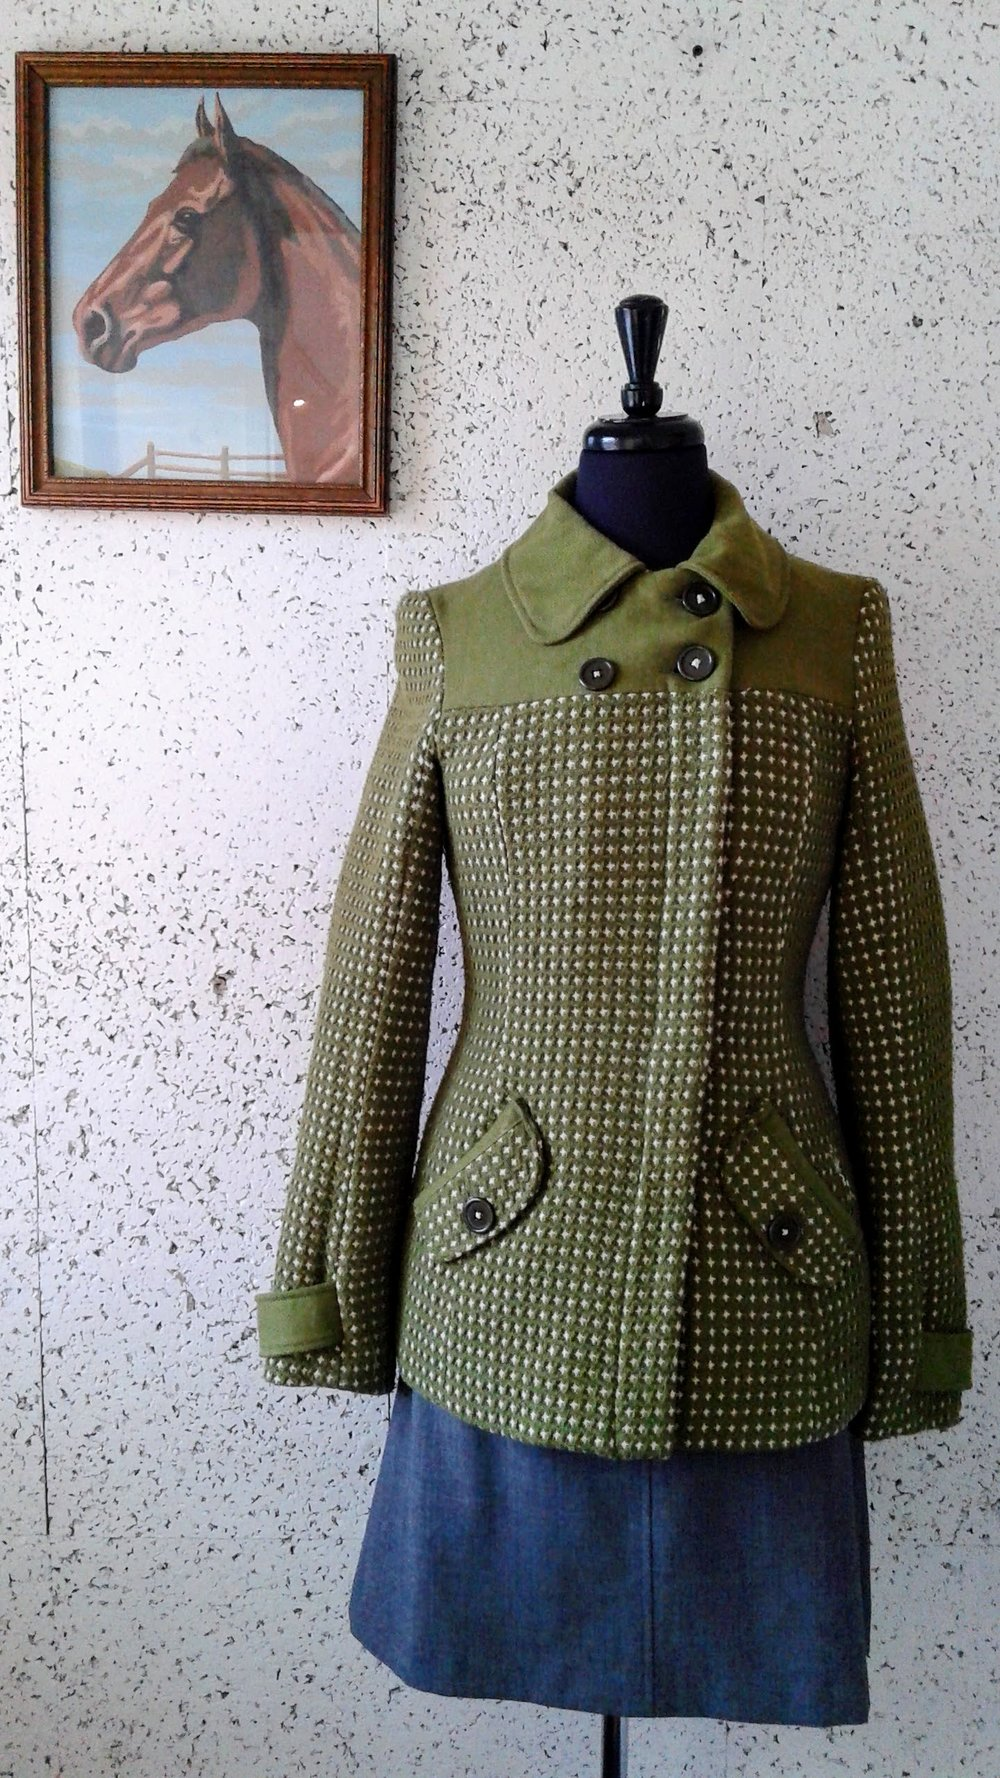 Billabong coat; Size M, $40